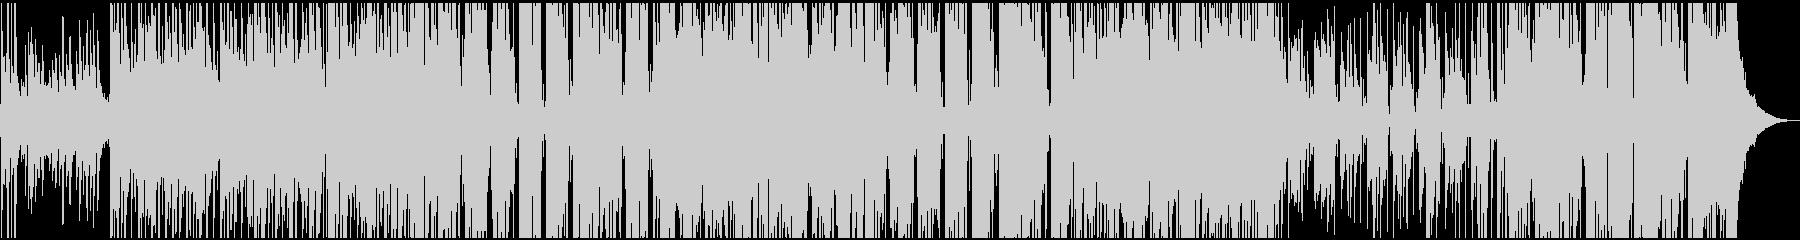 アメリカのカントリーフォークポップ...の未再生の波形